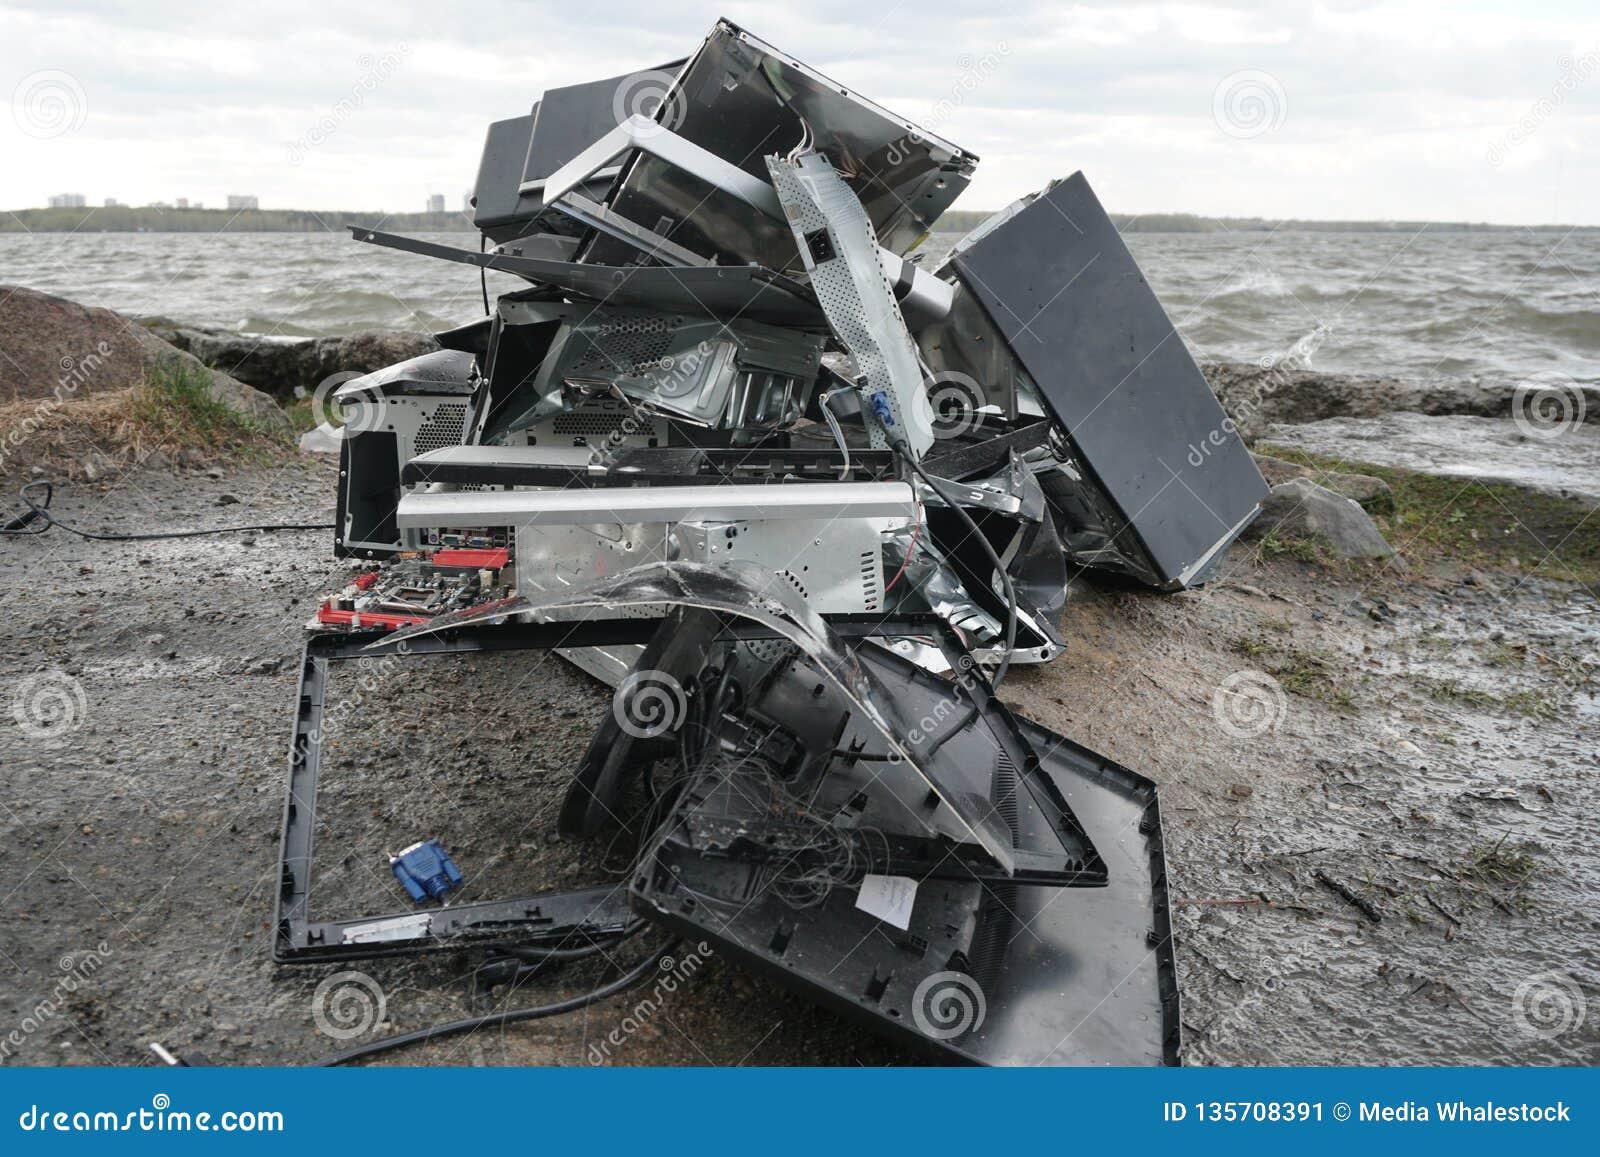 Концепция свободы от наркомании компьютера - человек ломает системный блок компьютера с Хаммером снаружи, озеро с